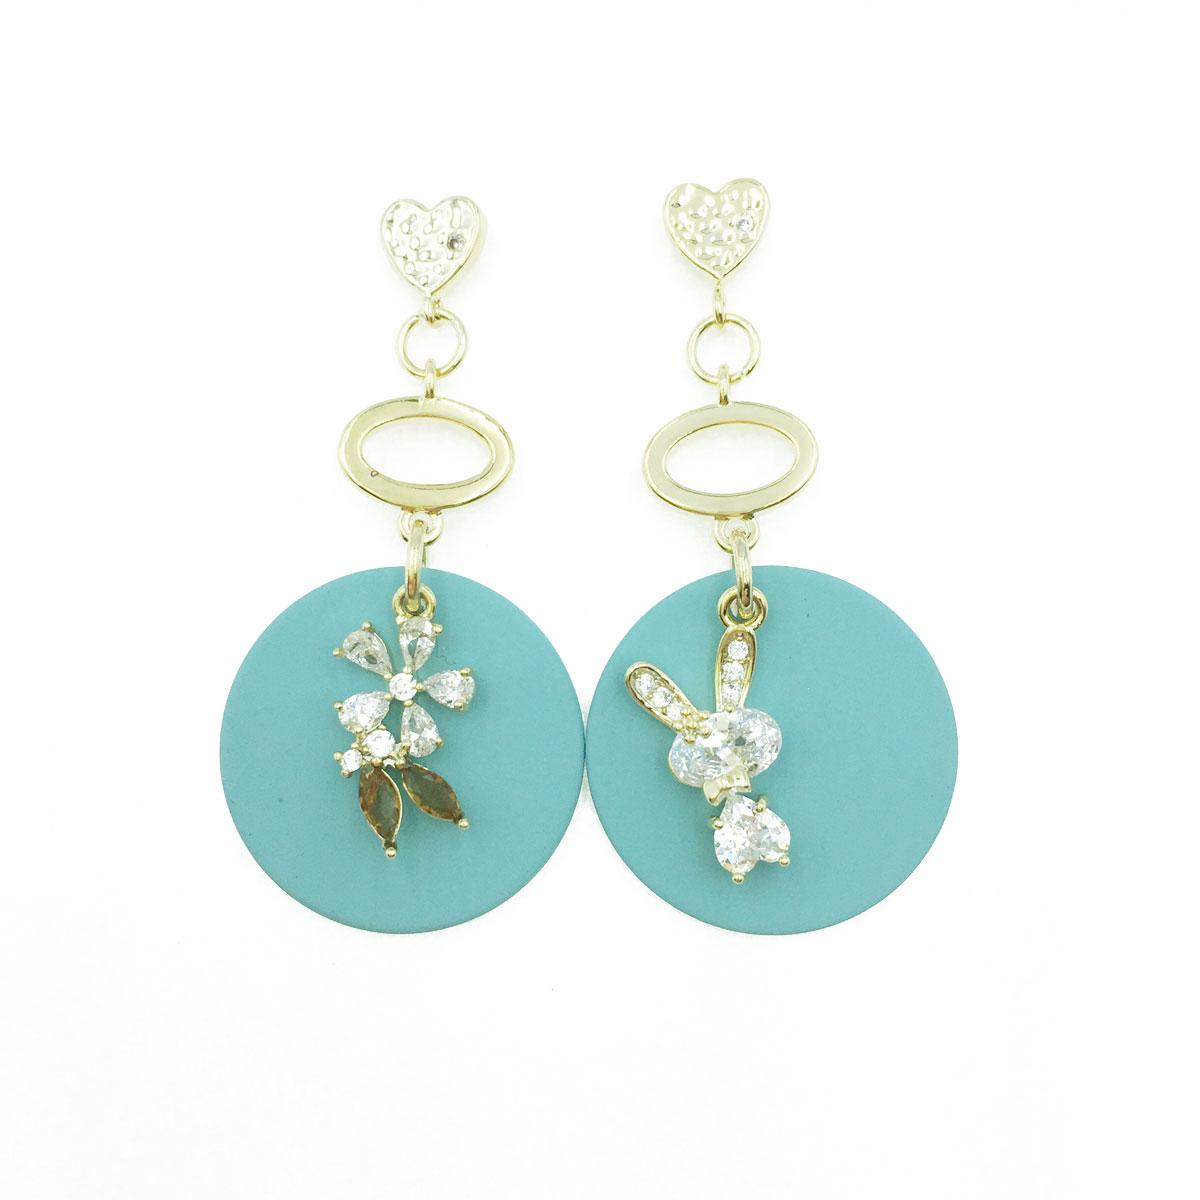 韓國 925純銀 愛心 金屬 簍空 水鑽 小花 兔子 不對稱 垂墜感 耳針式耳環